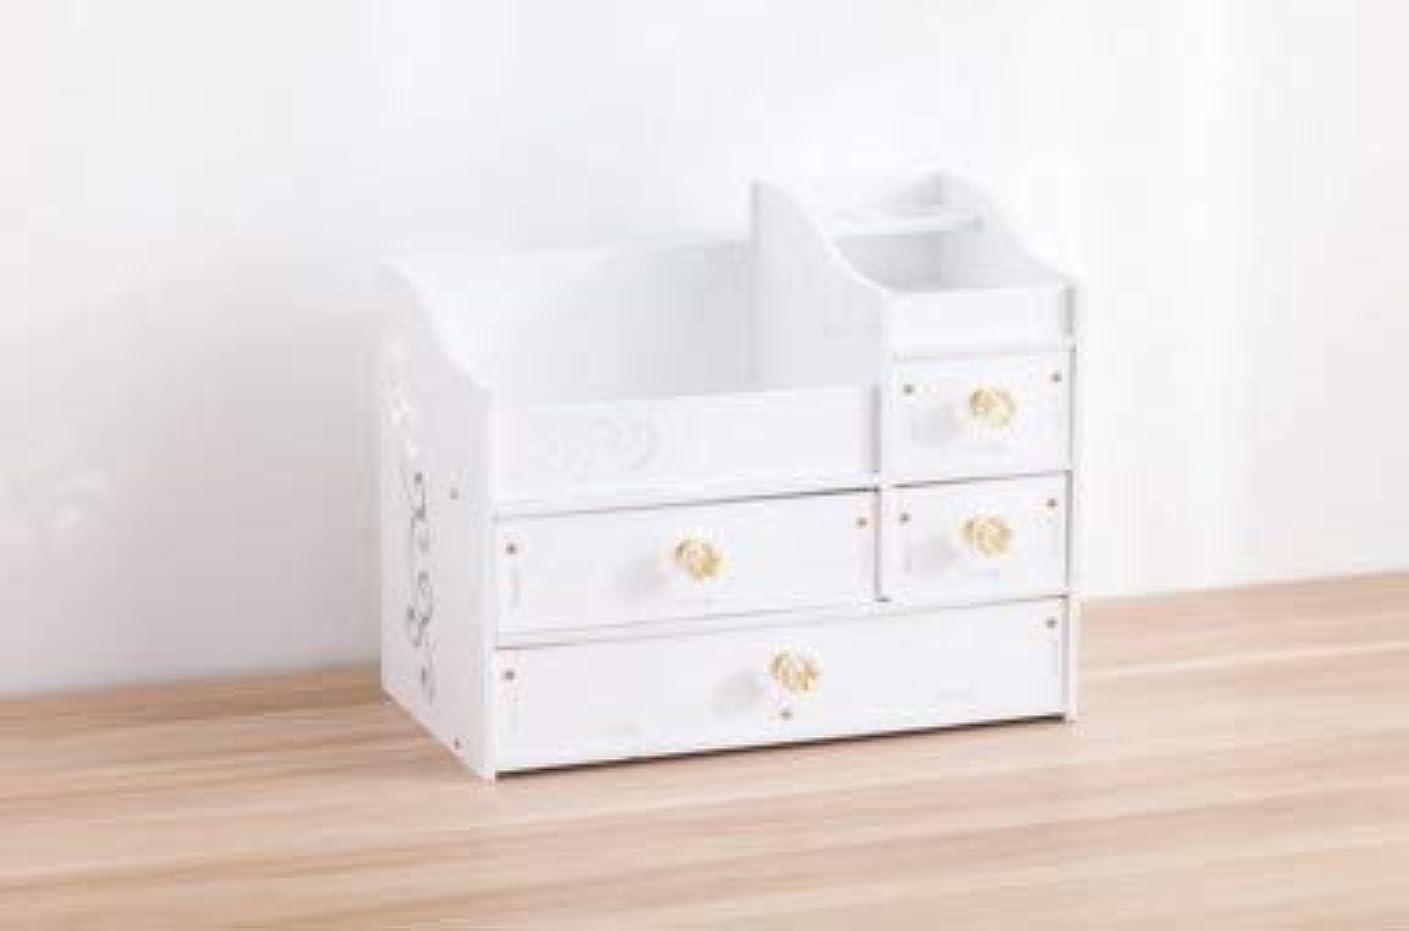 誠実さ厳騒乱デスクトップスキンケア化粧台ジュエリーボックスクリスタルハンドル引き出し収納ボックス木製化粧品収納ボックス